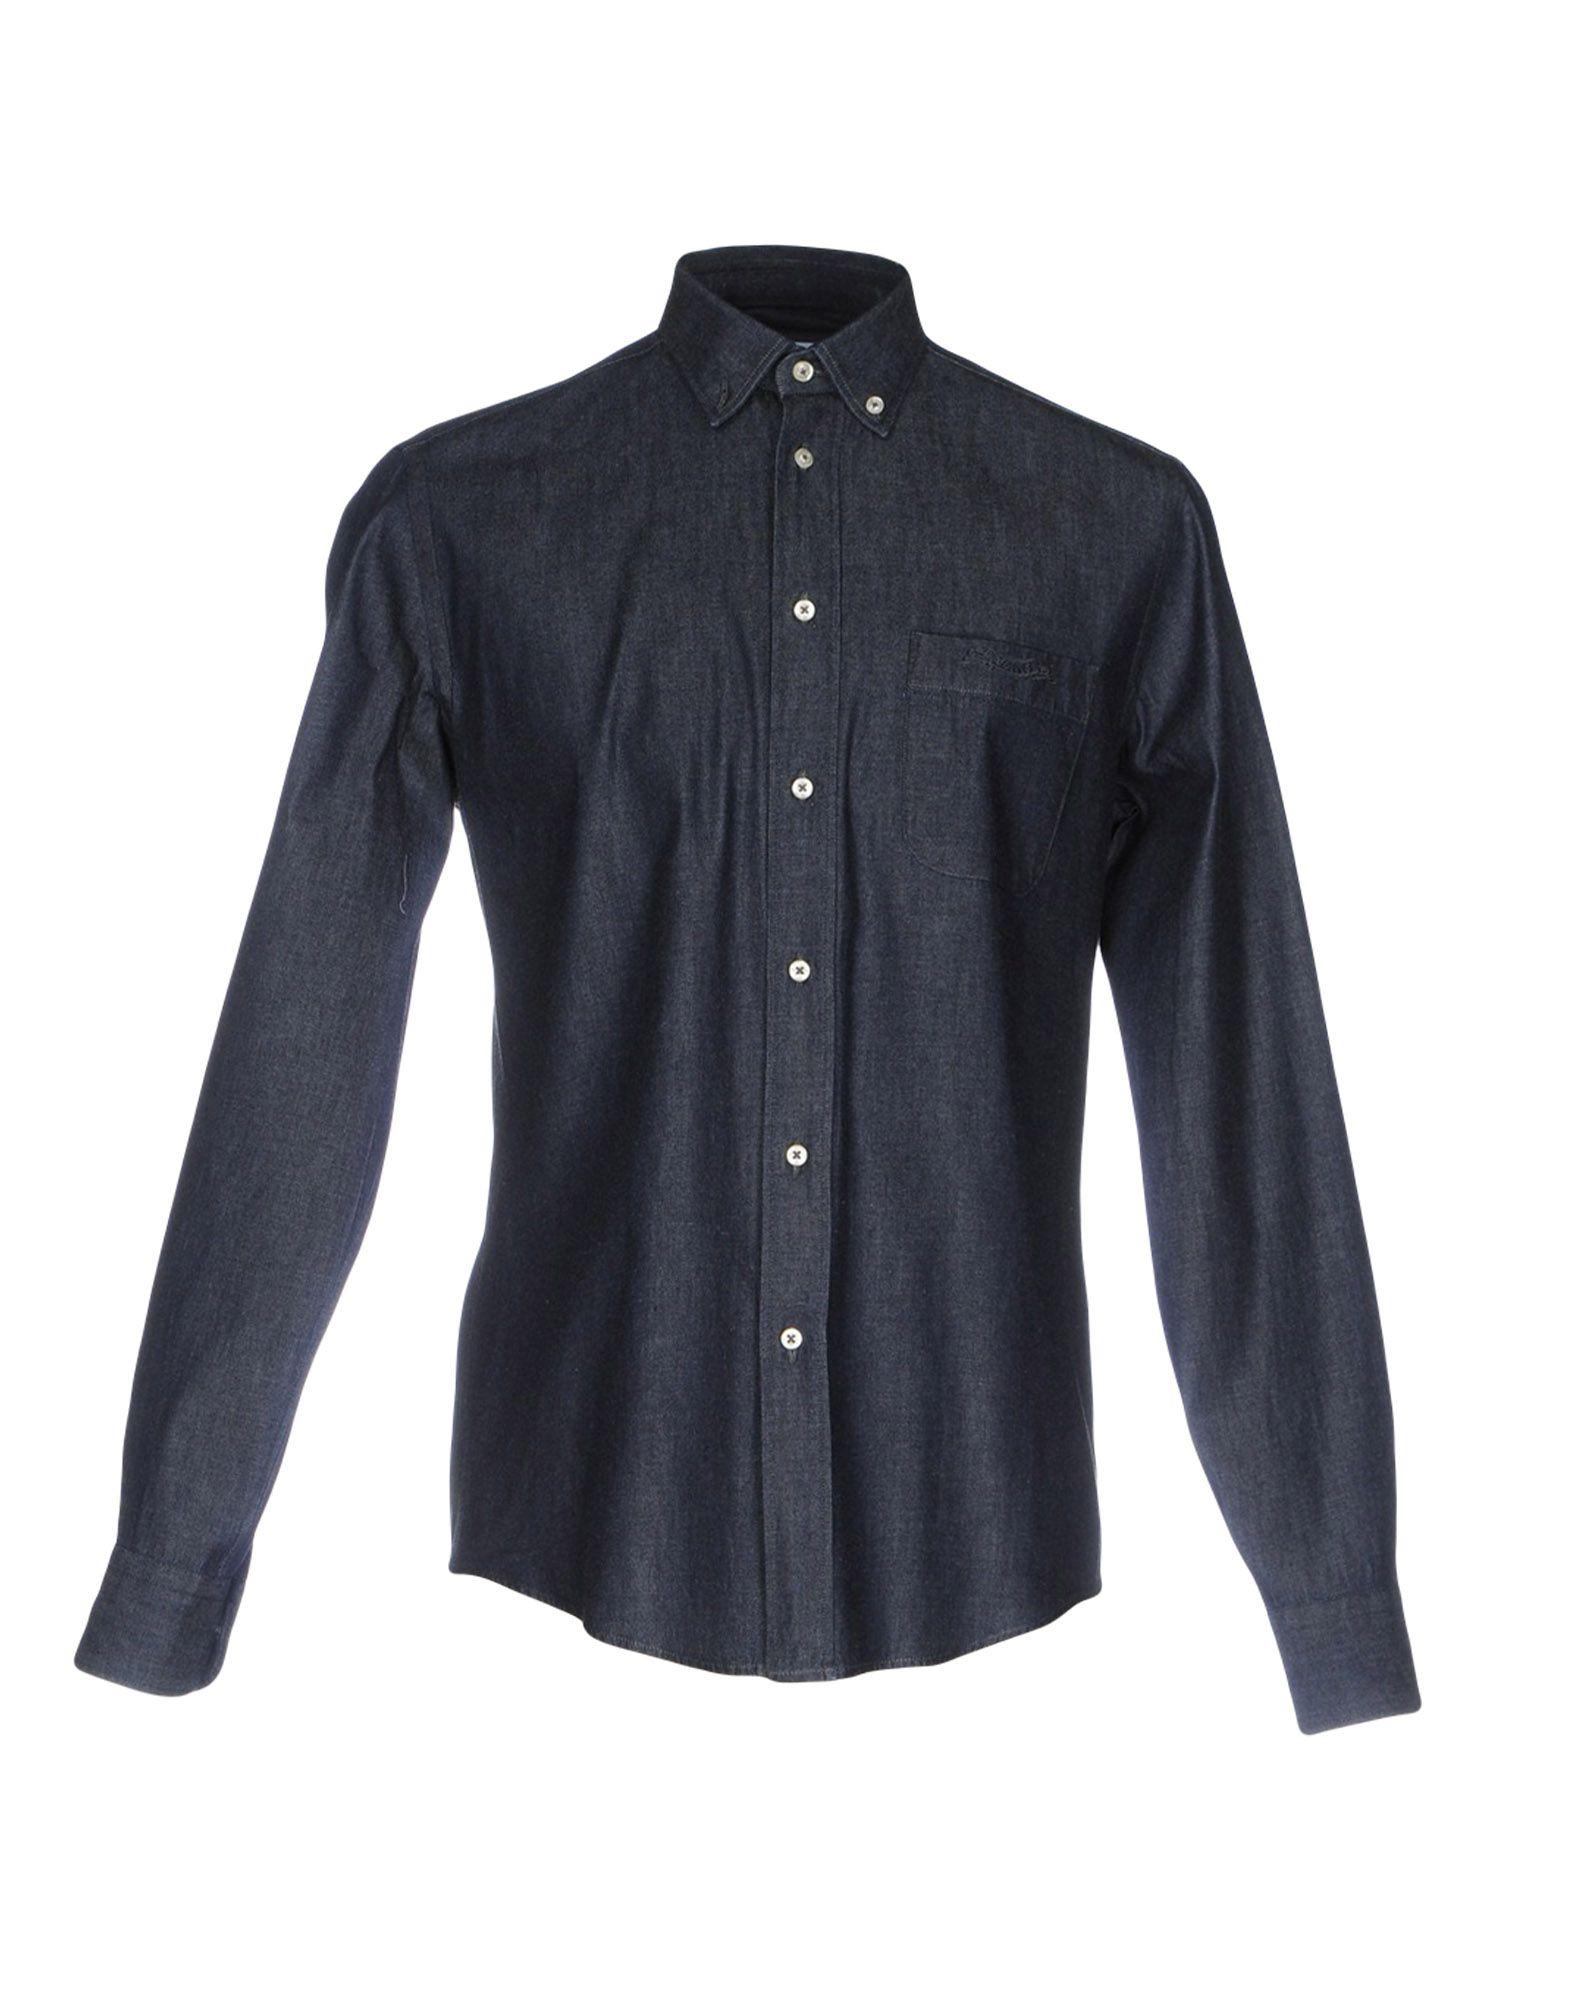 MORRIS Herren Jeanshemd Farbe Blau Größe 9